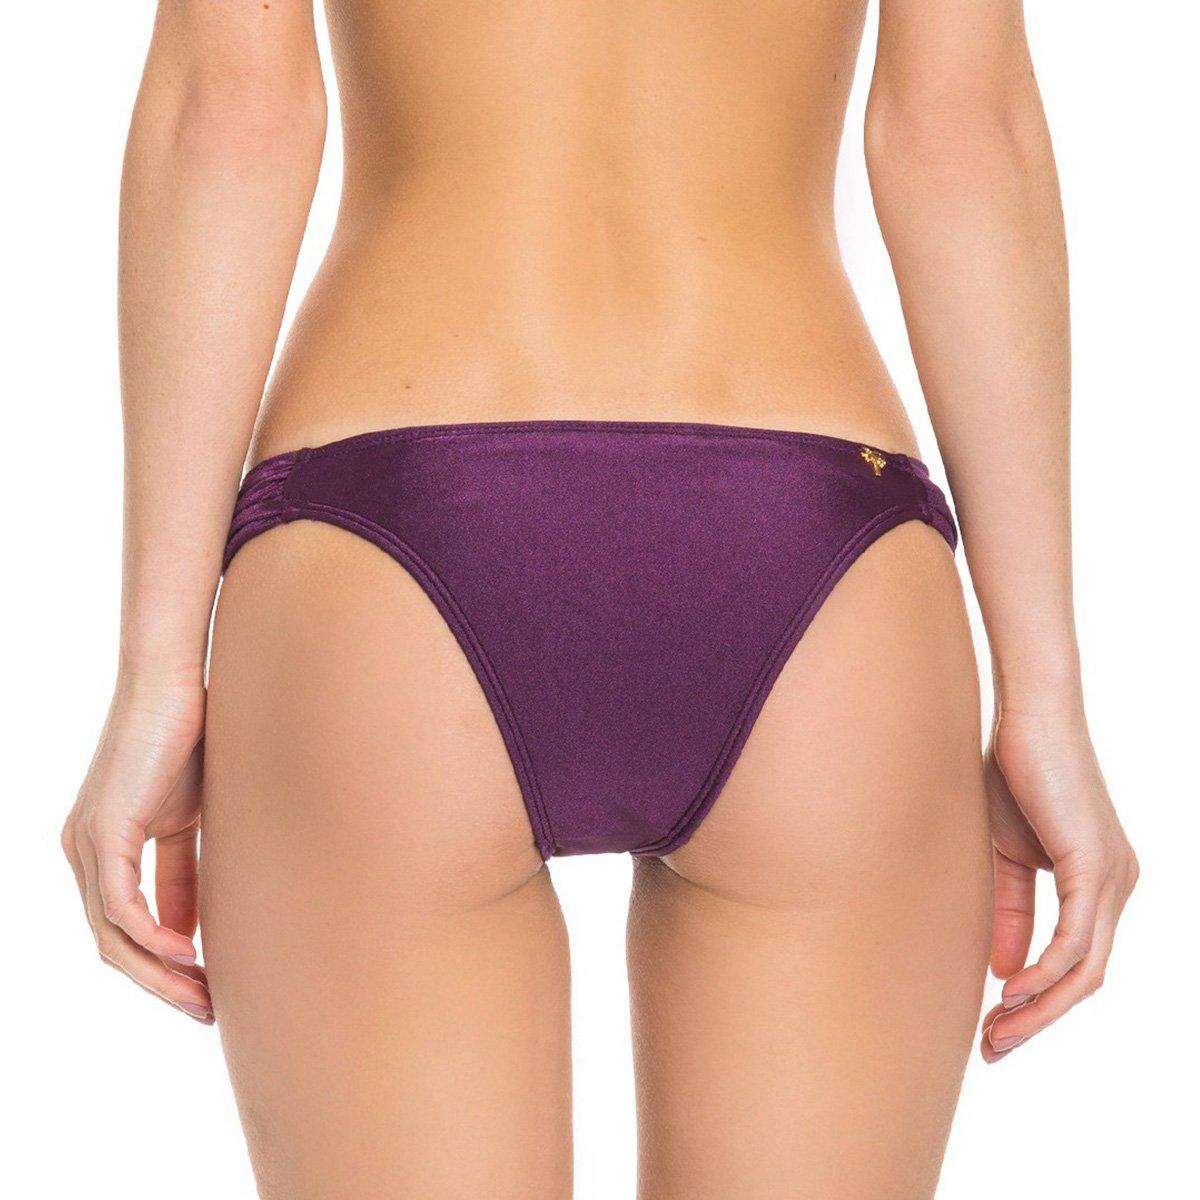 Agua de coco tanga de ba o lujo violeta irisado calcinha - Tangas de bano ...